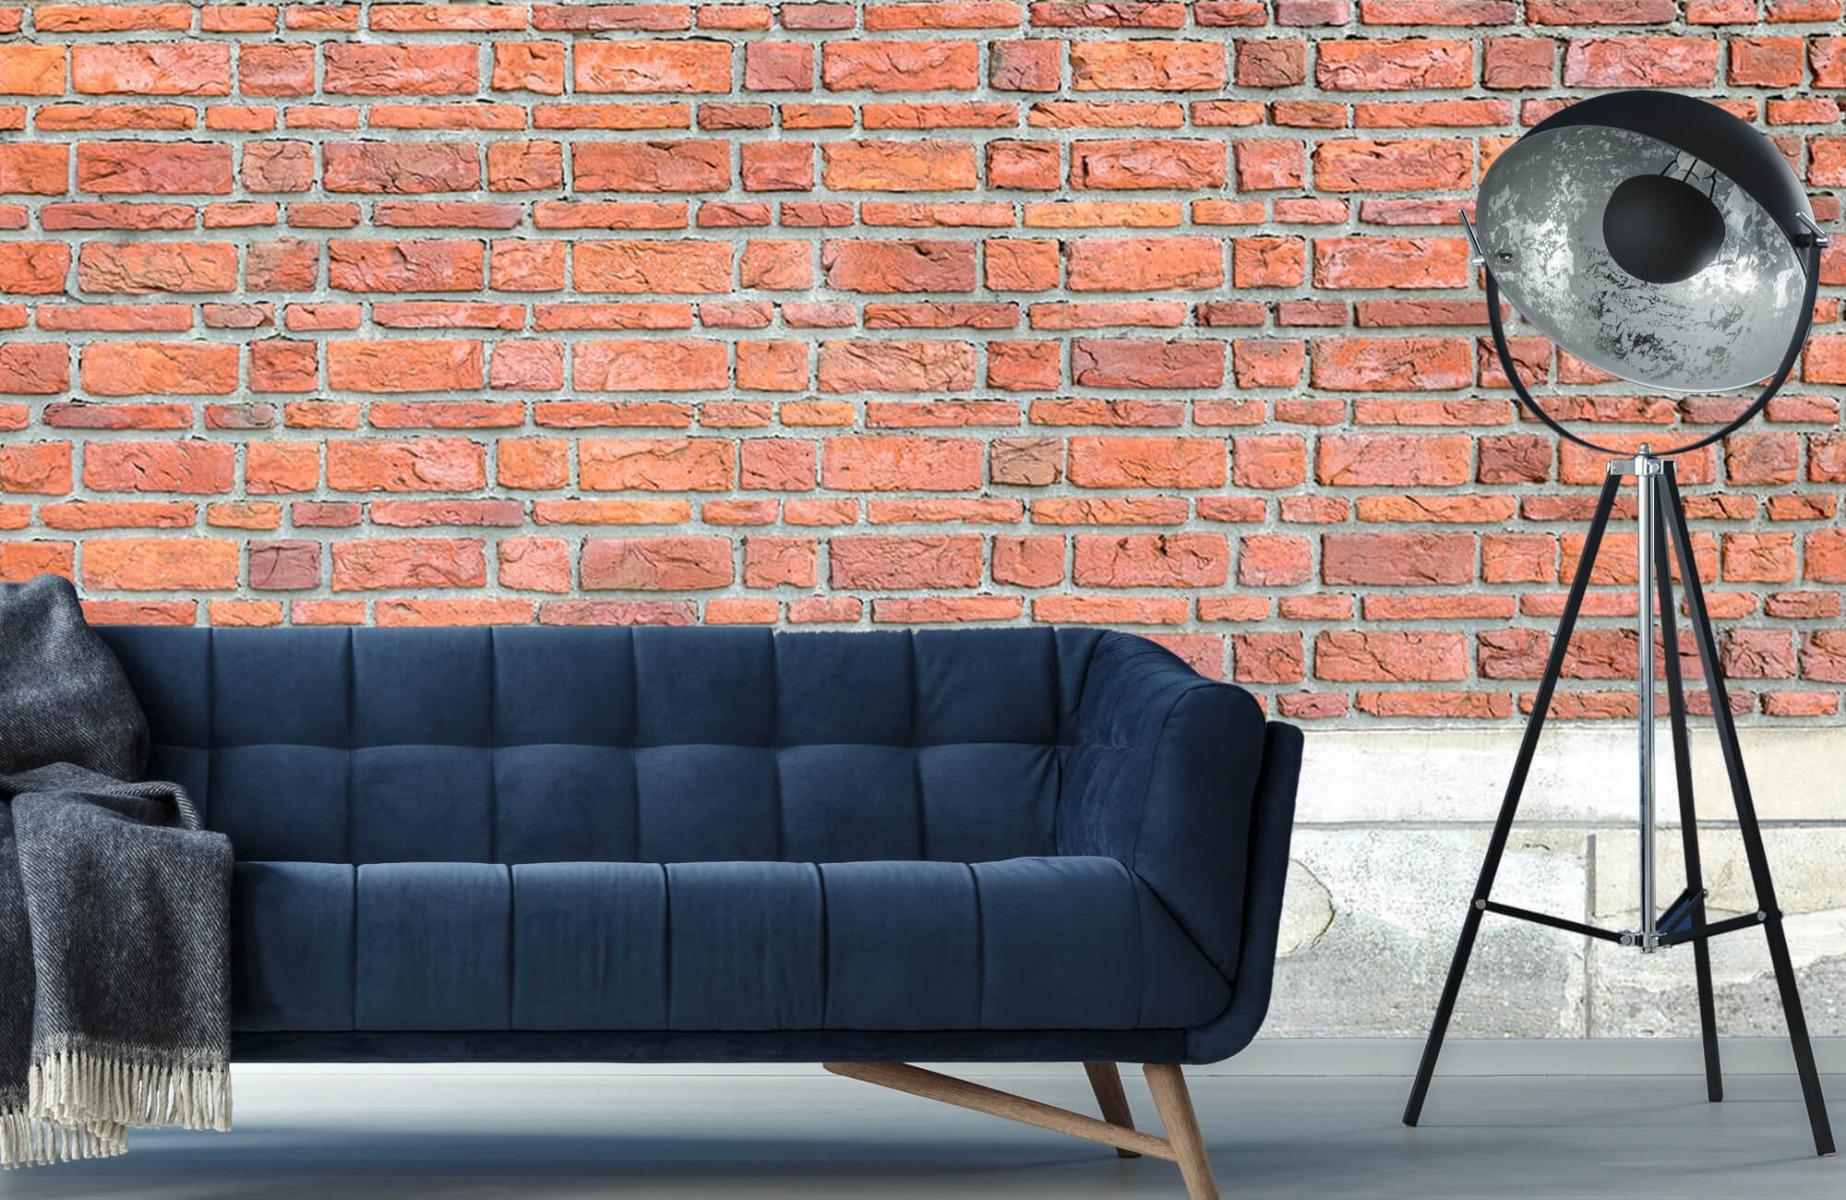 Steen behang - Bakstenen met oud beton - Wallexclusive - Slaapkamer 13